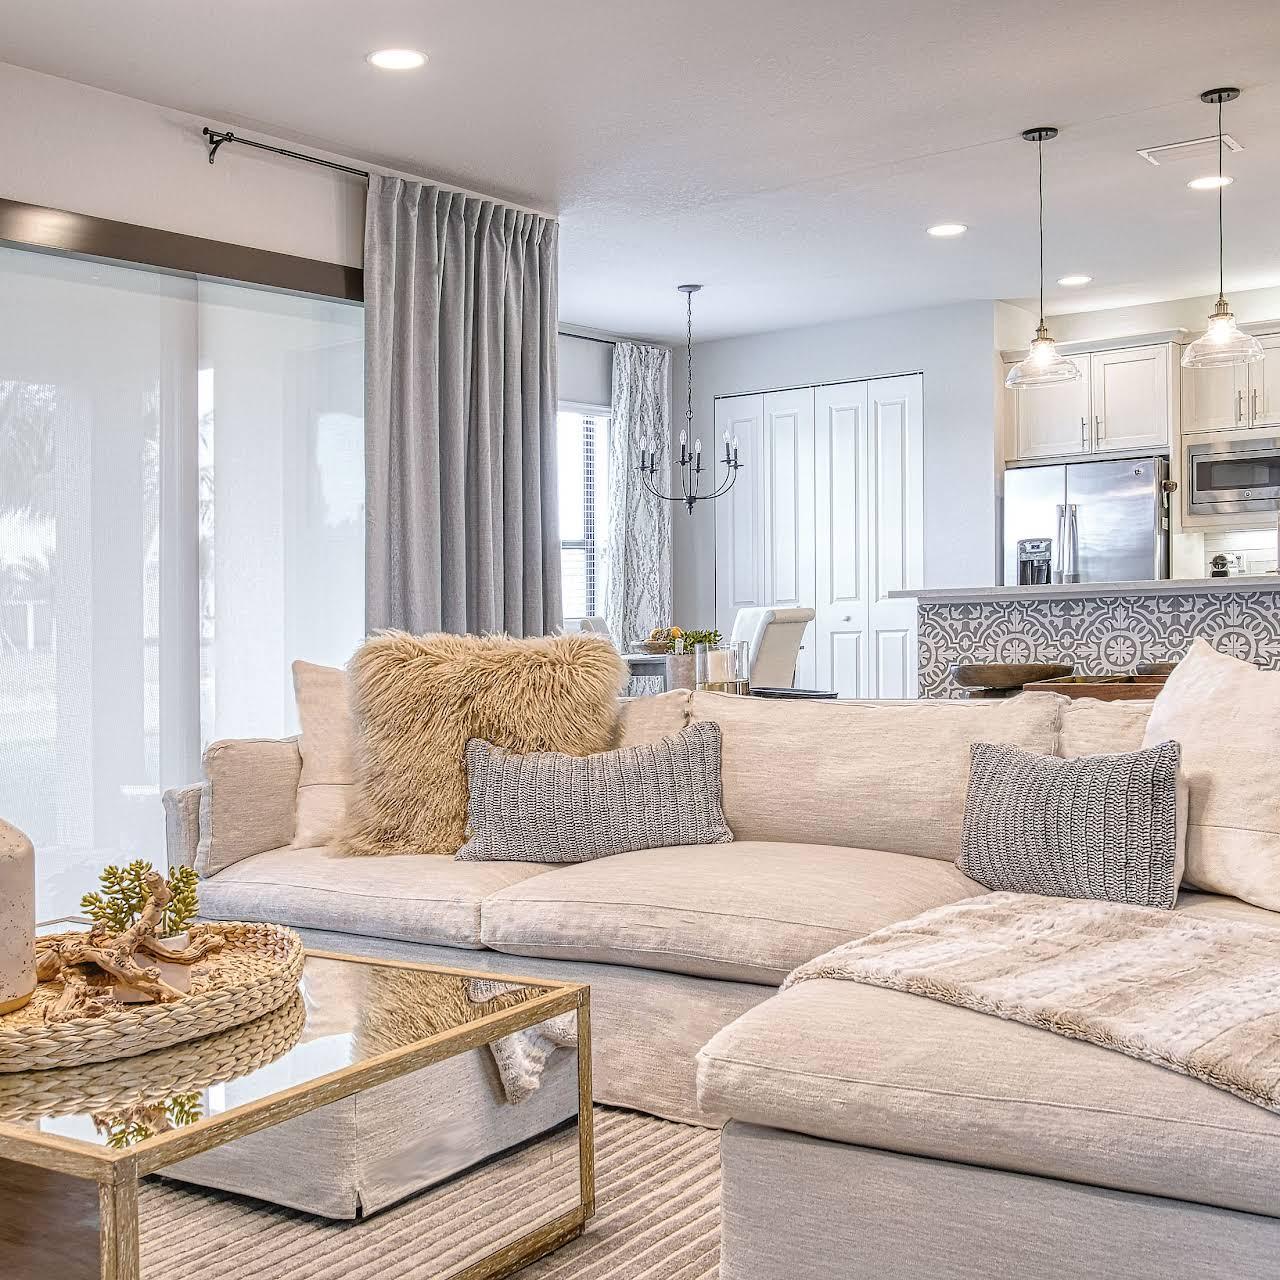 Harper Haus Interiors Llc Interior Design